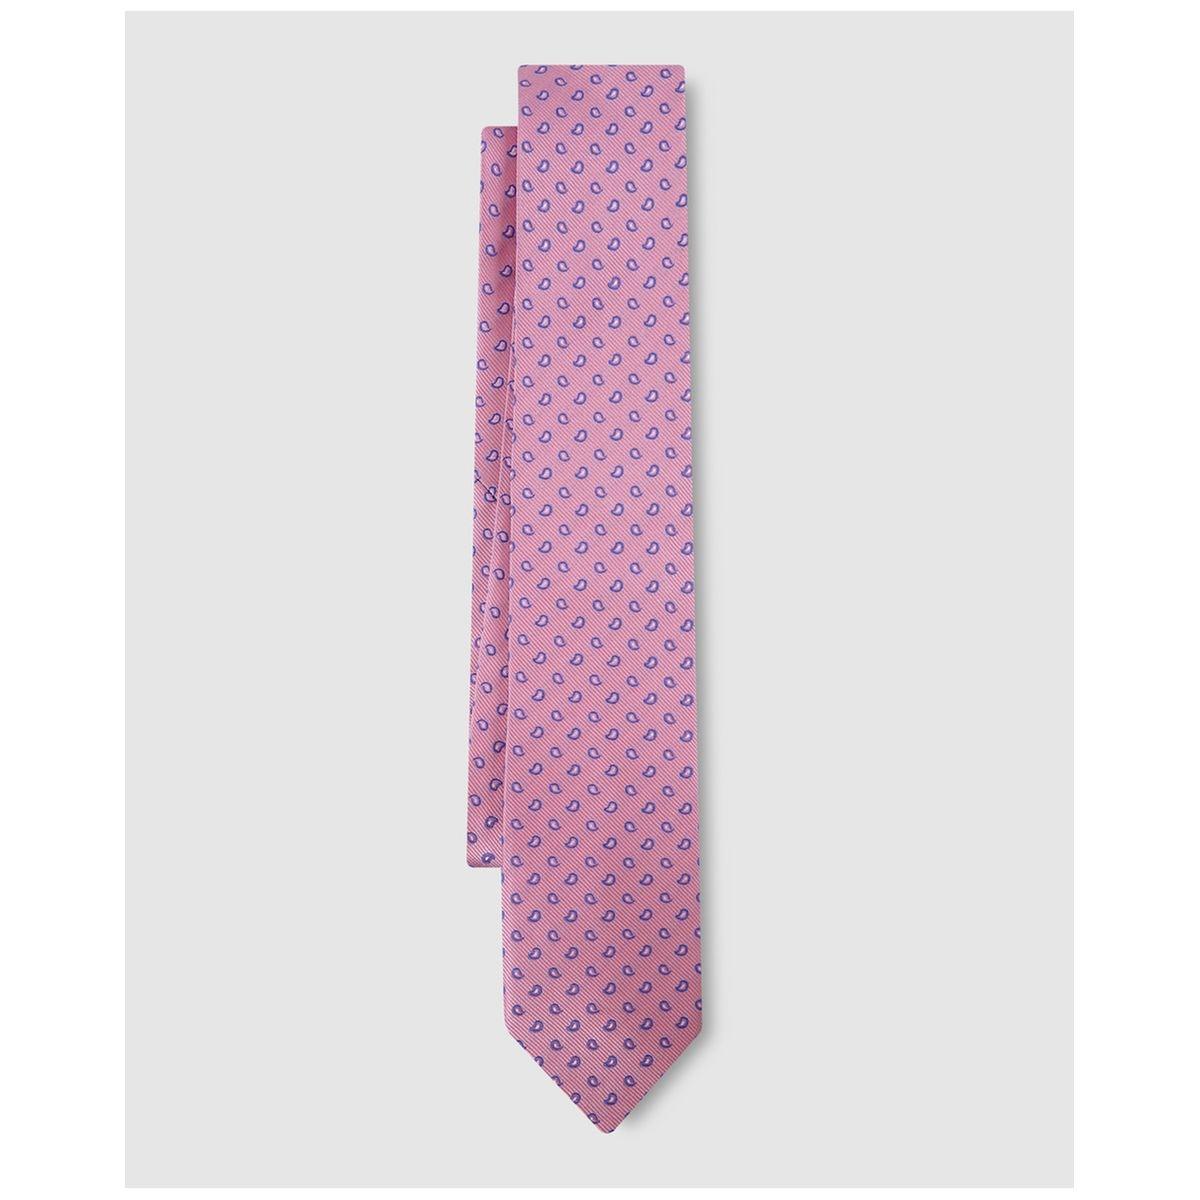 Cravate en soie à motif cachemire /